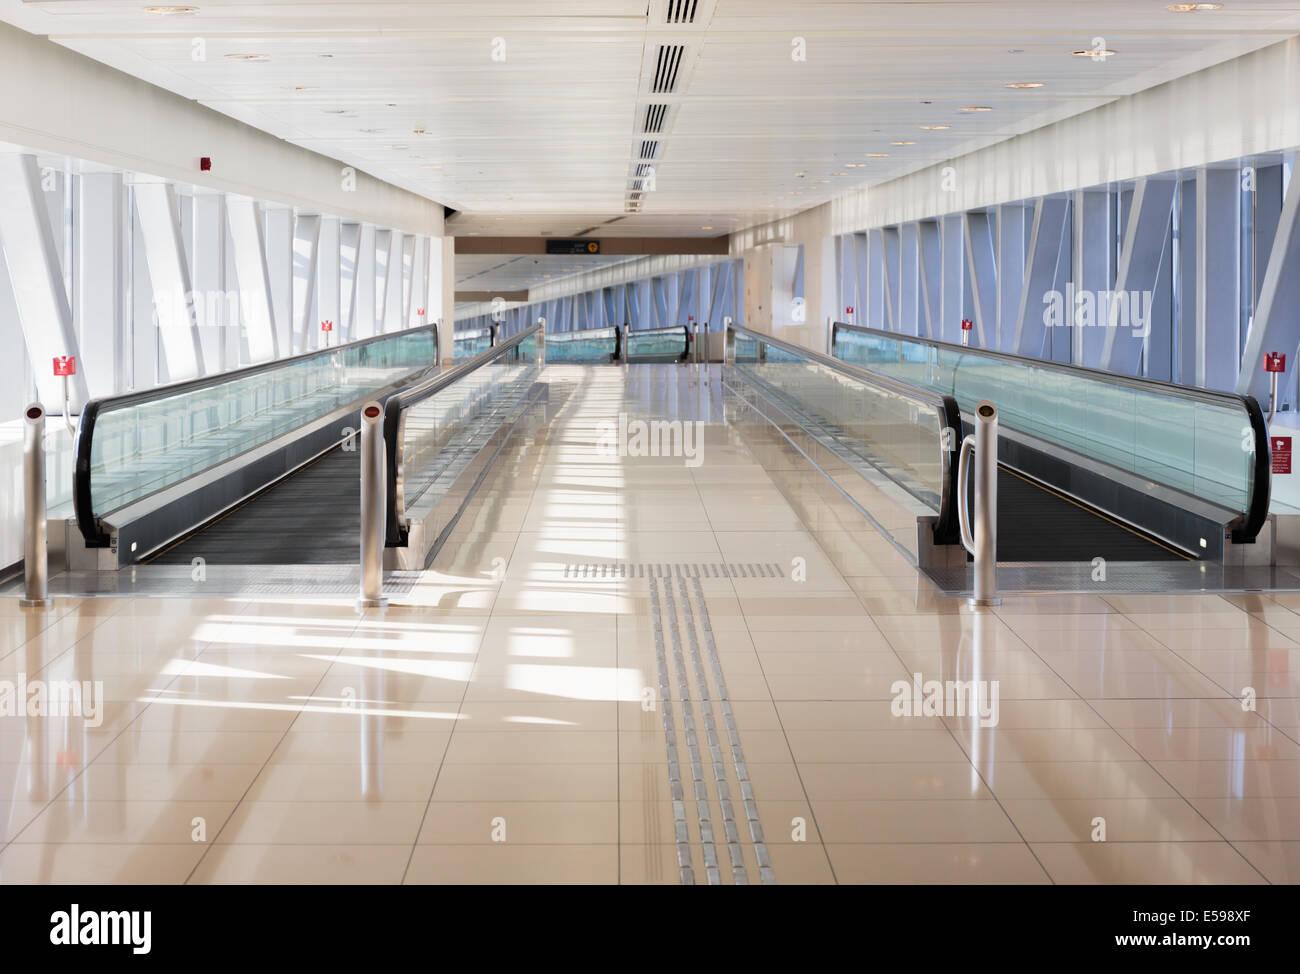 DUBAI, Emirati Arabi Uniti - 31 ottobre: interno della stazione della metropolitana di Dubai. Metropolitana più lunga del mondo completamente automatizzata in rete della metropolitana (75 km) su O Foto Stock